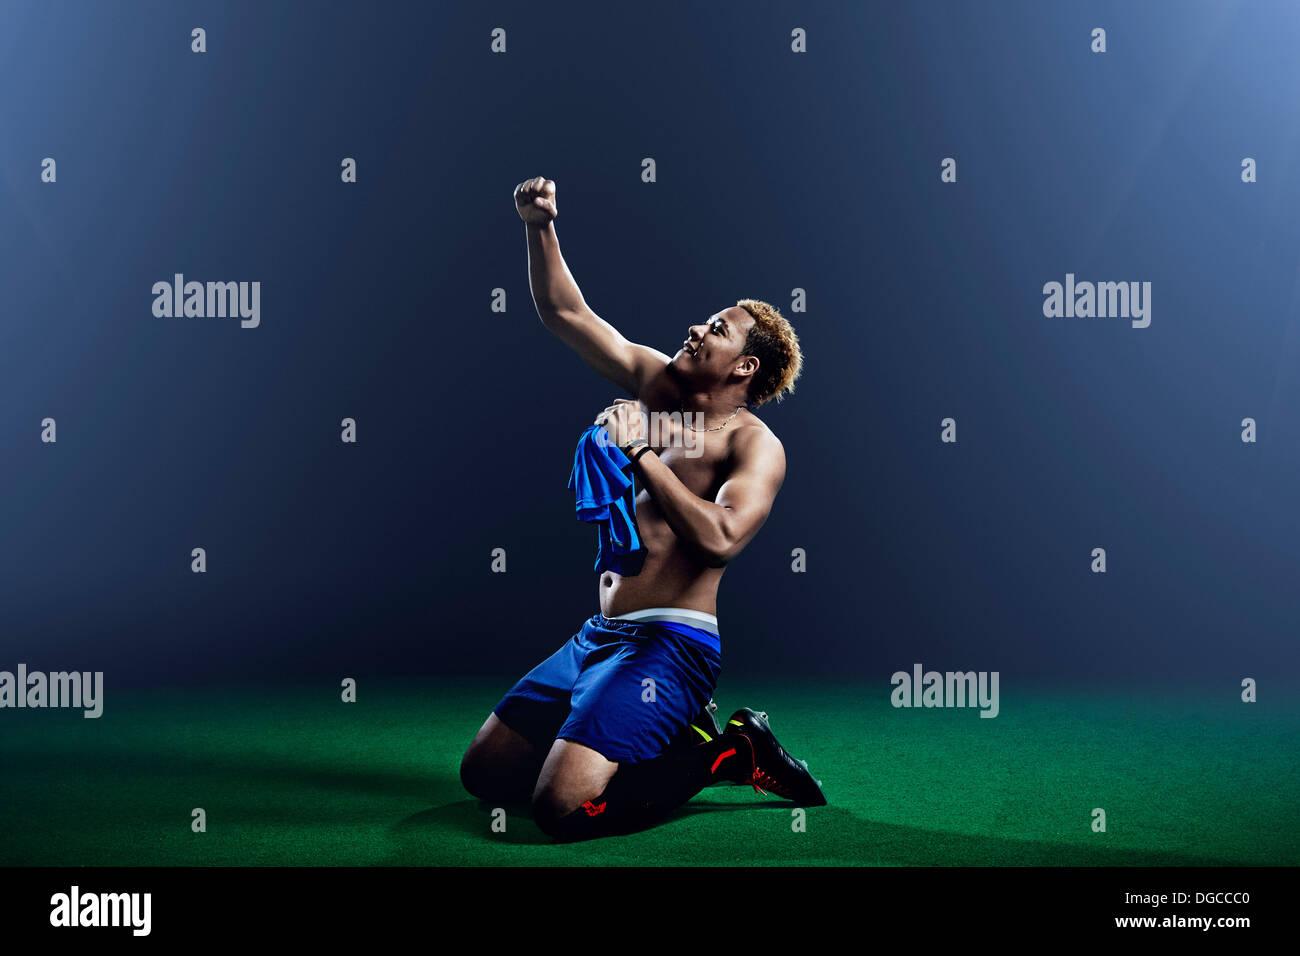 Jugador de fútbol masculino de rodillas con el brazo levantado Imagen De Stock